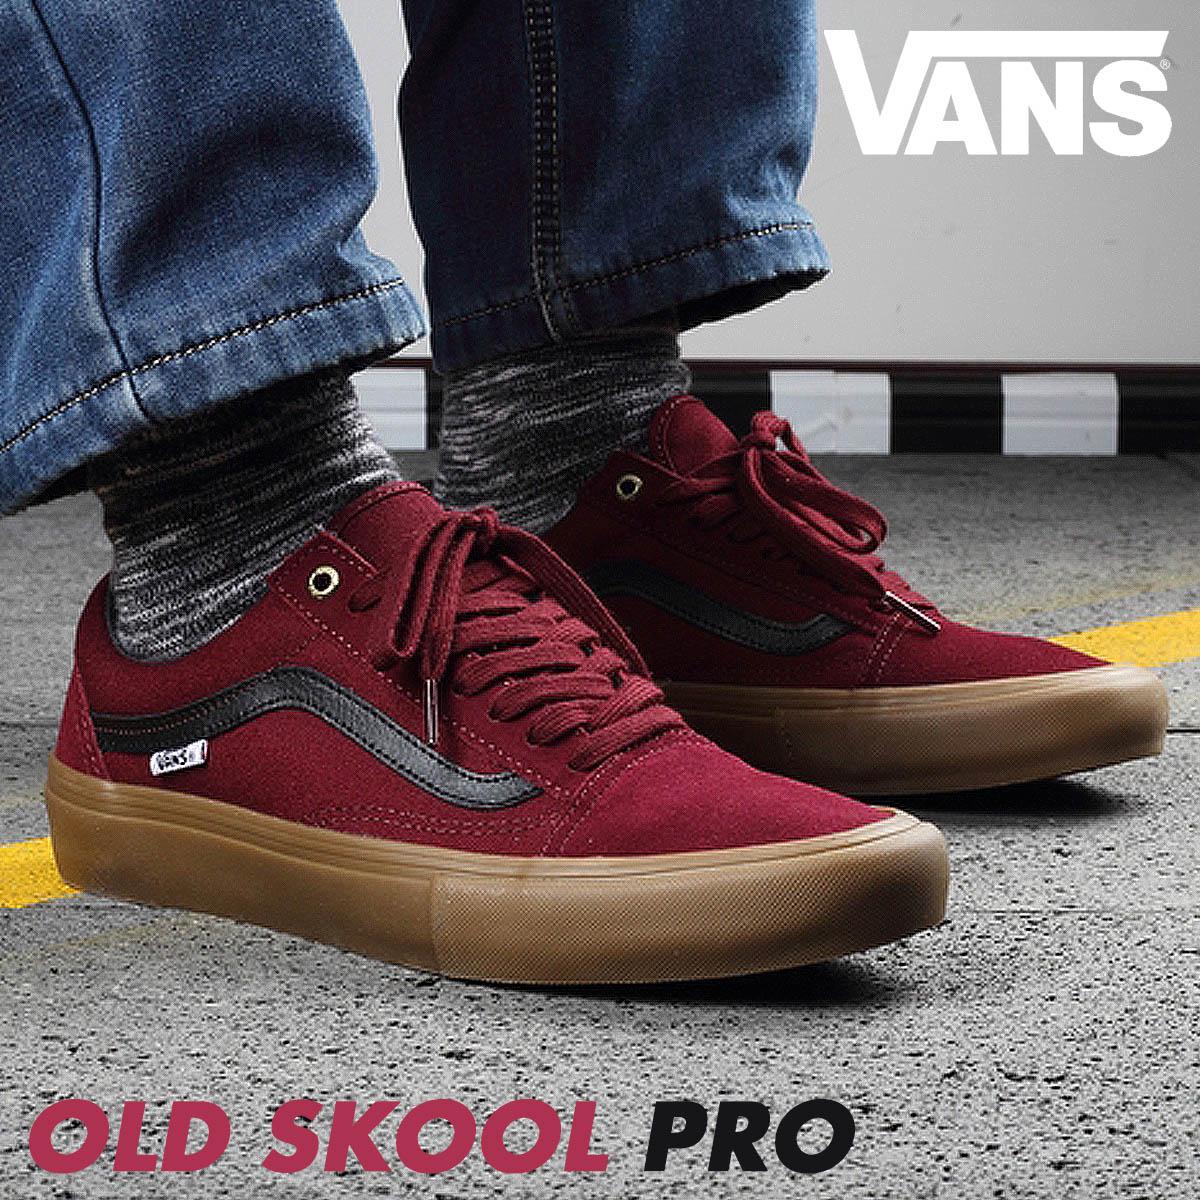 d8a18348fcfa Station SportsVans Whats Sneakers Dis Old Gap School Up Men dBreQxoCW